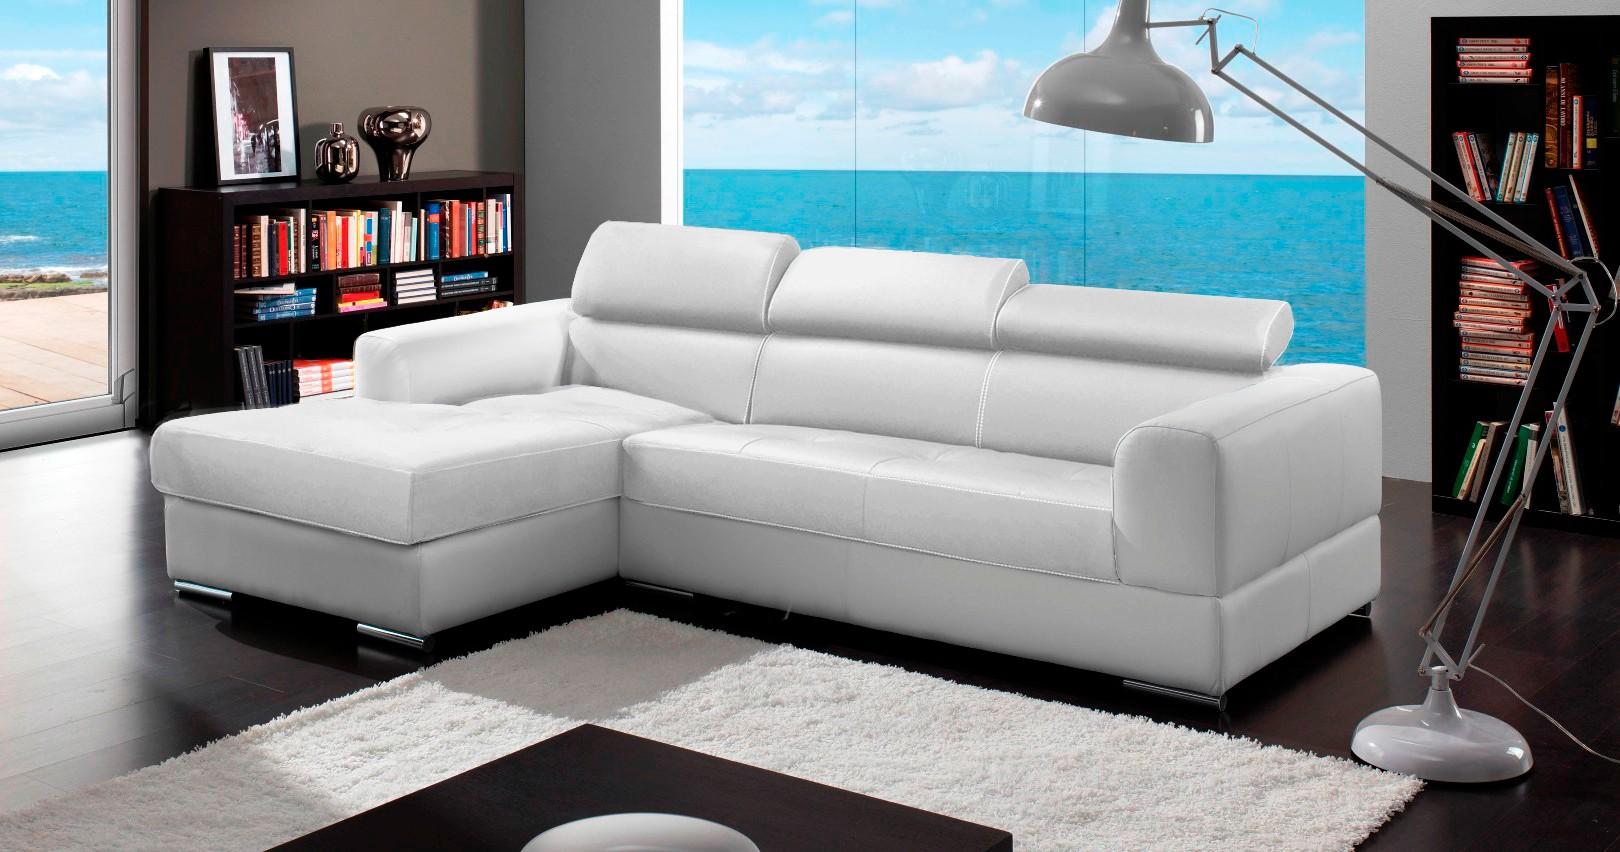 canap d 39 angle cuir buffle canap id es de d coration de maison w0bb1pgd8q. Black Bedroom Furniture Sets. Home Design Ideas